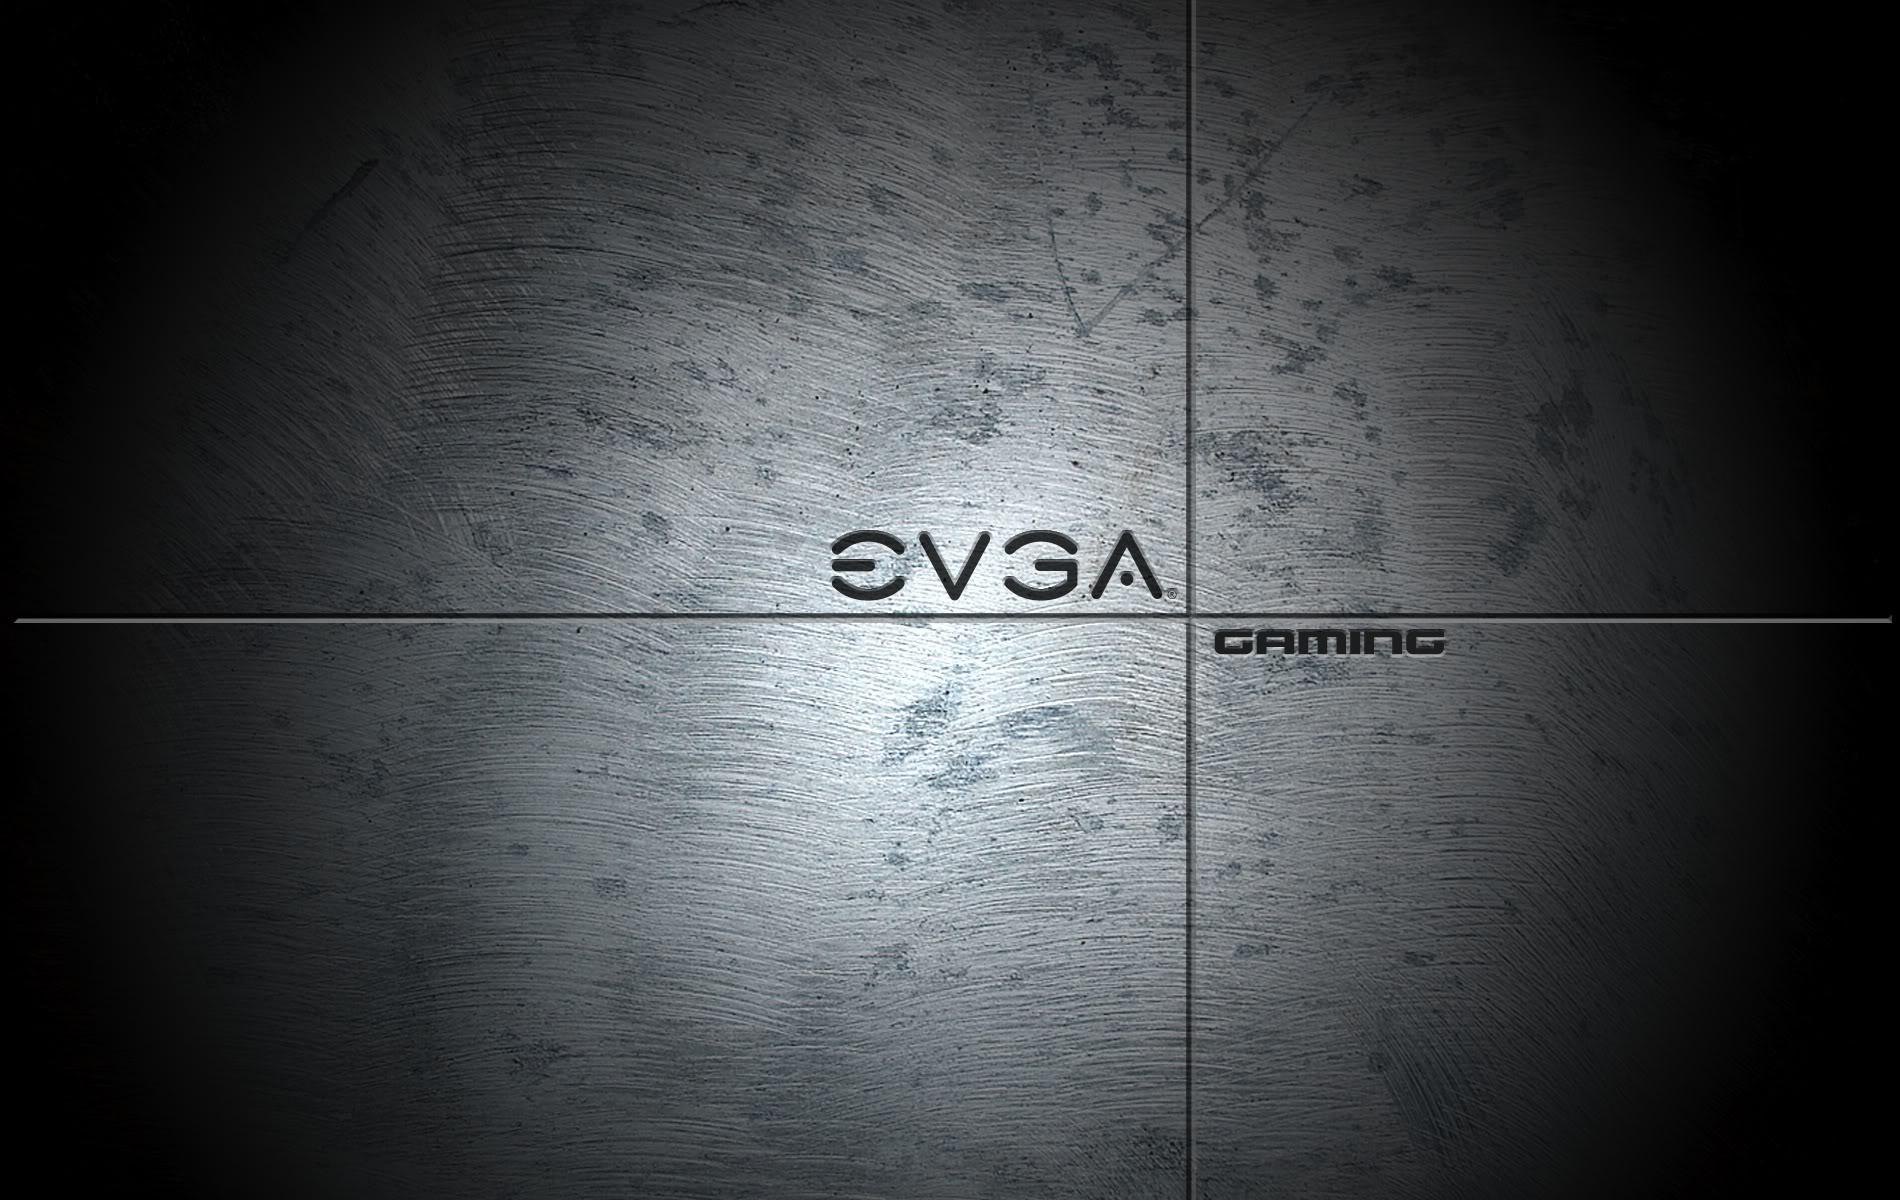 EVGA Wallpapers